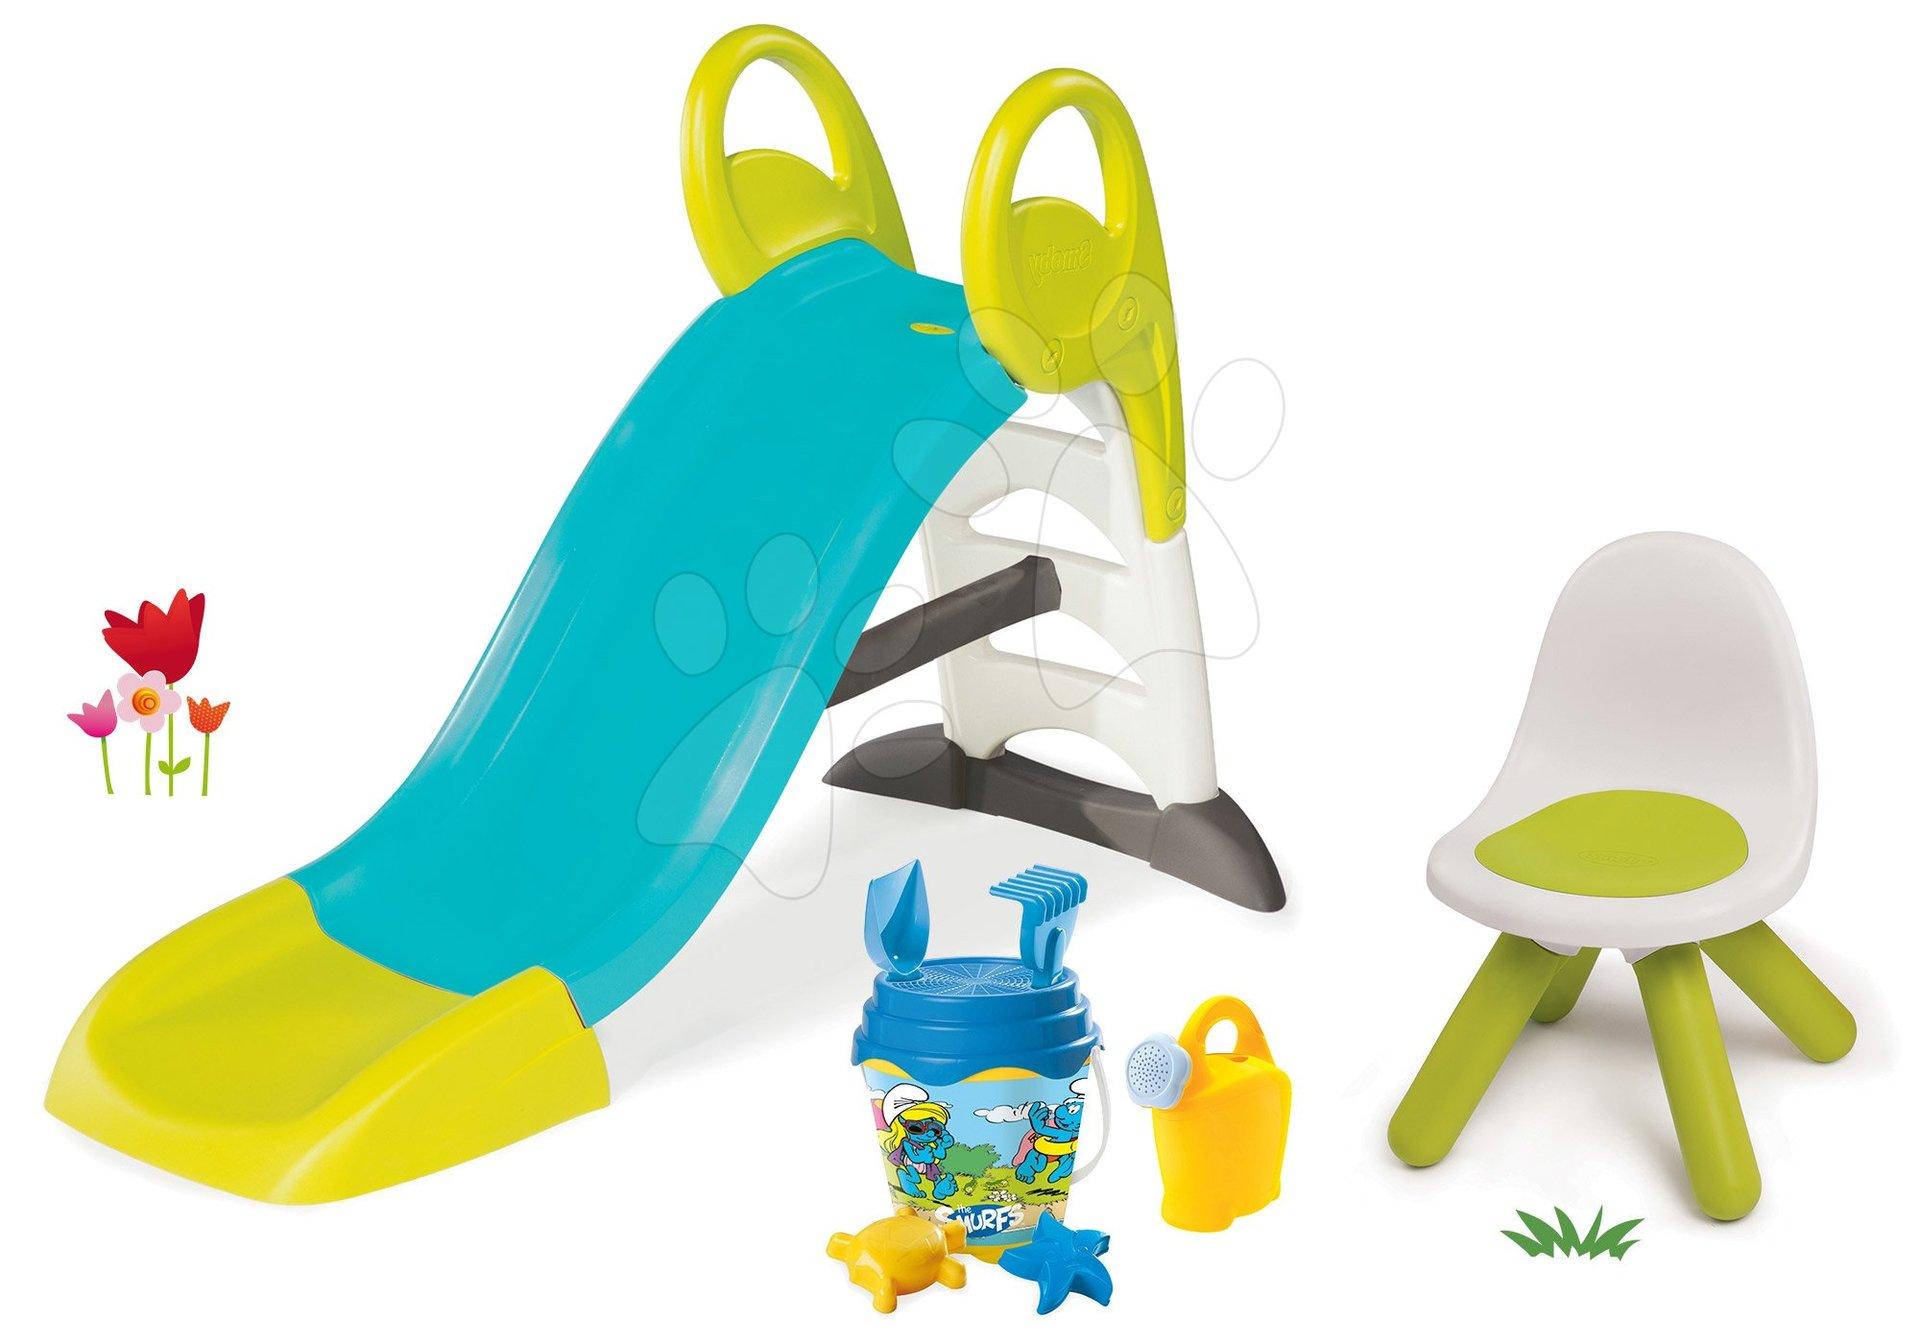 Smoby set šmykľavka pre deti Toboggan KS s vodou a vedro set Dory 310269-1